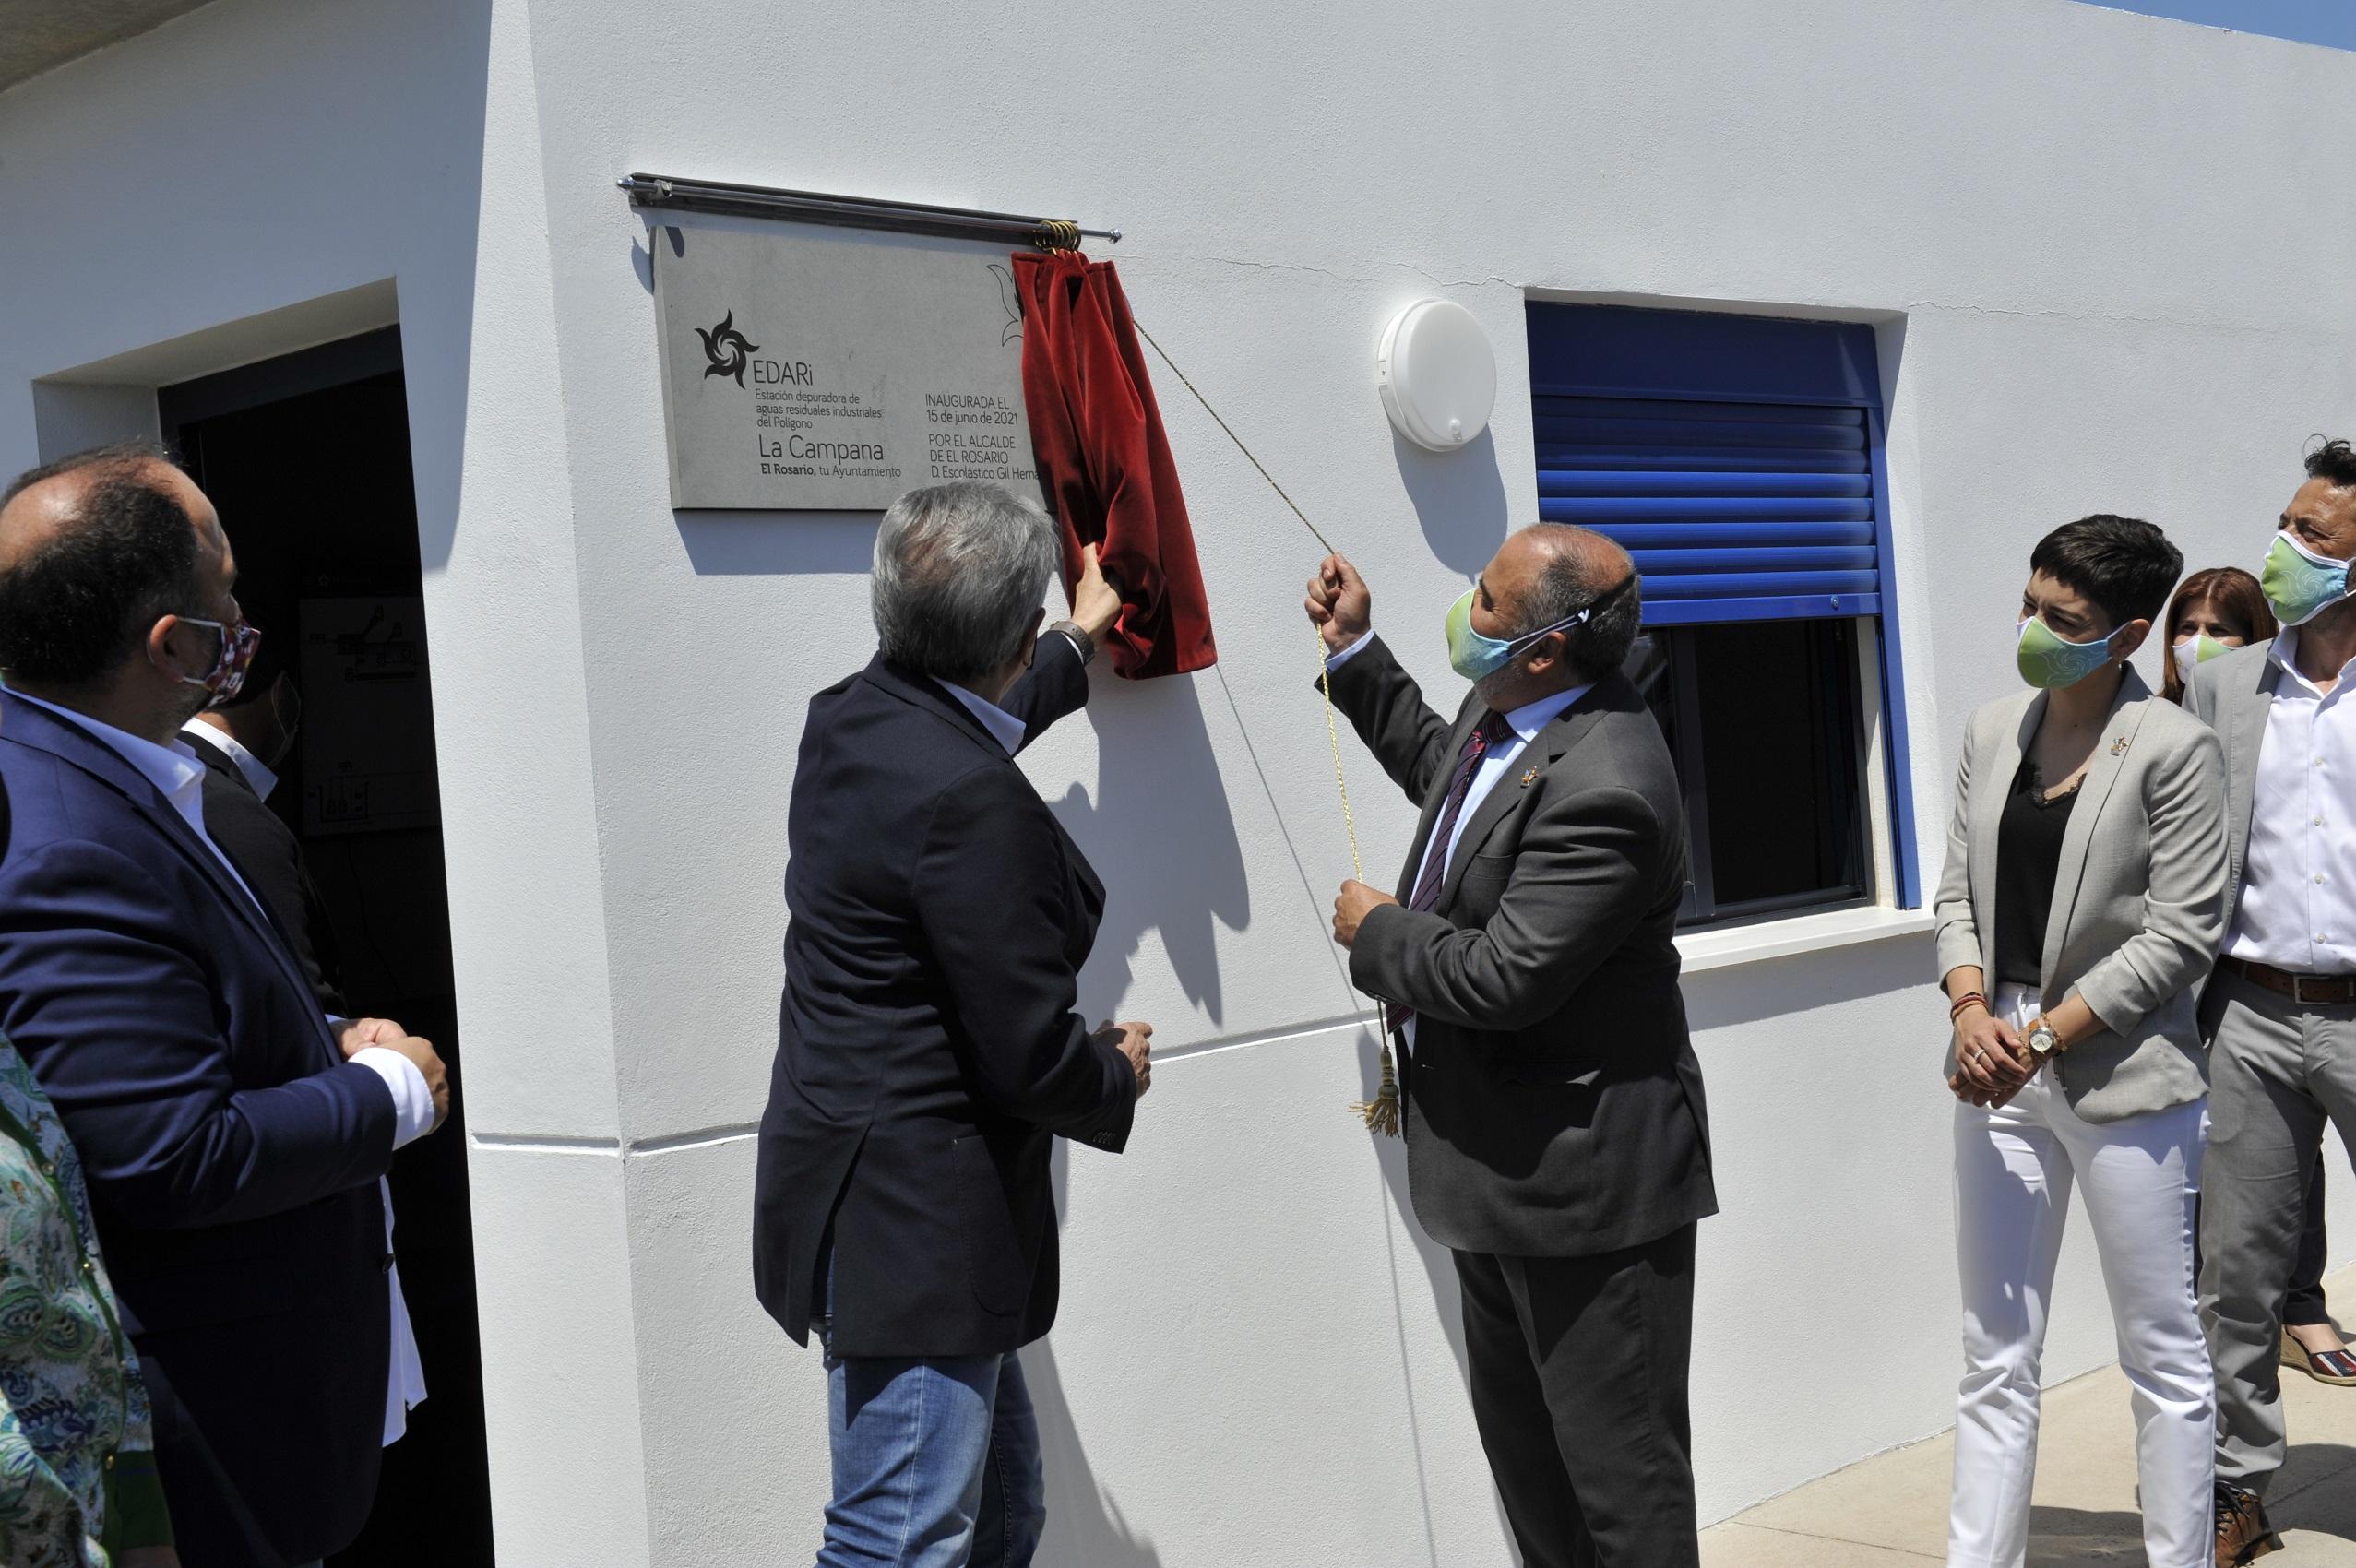 15-06-2021 Inauguración Depuradora La Campana (1)